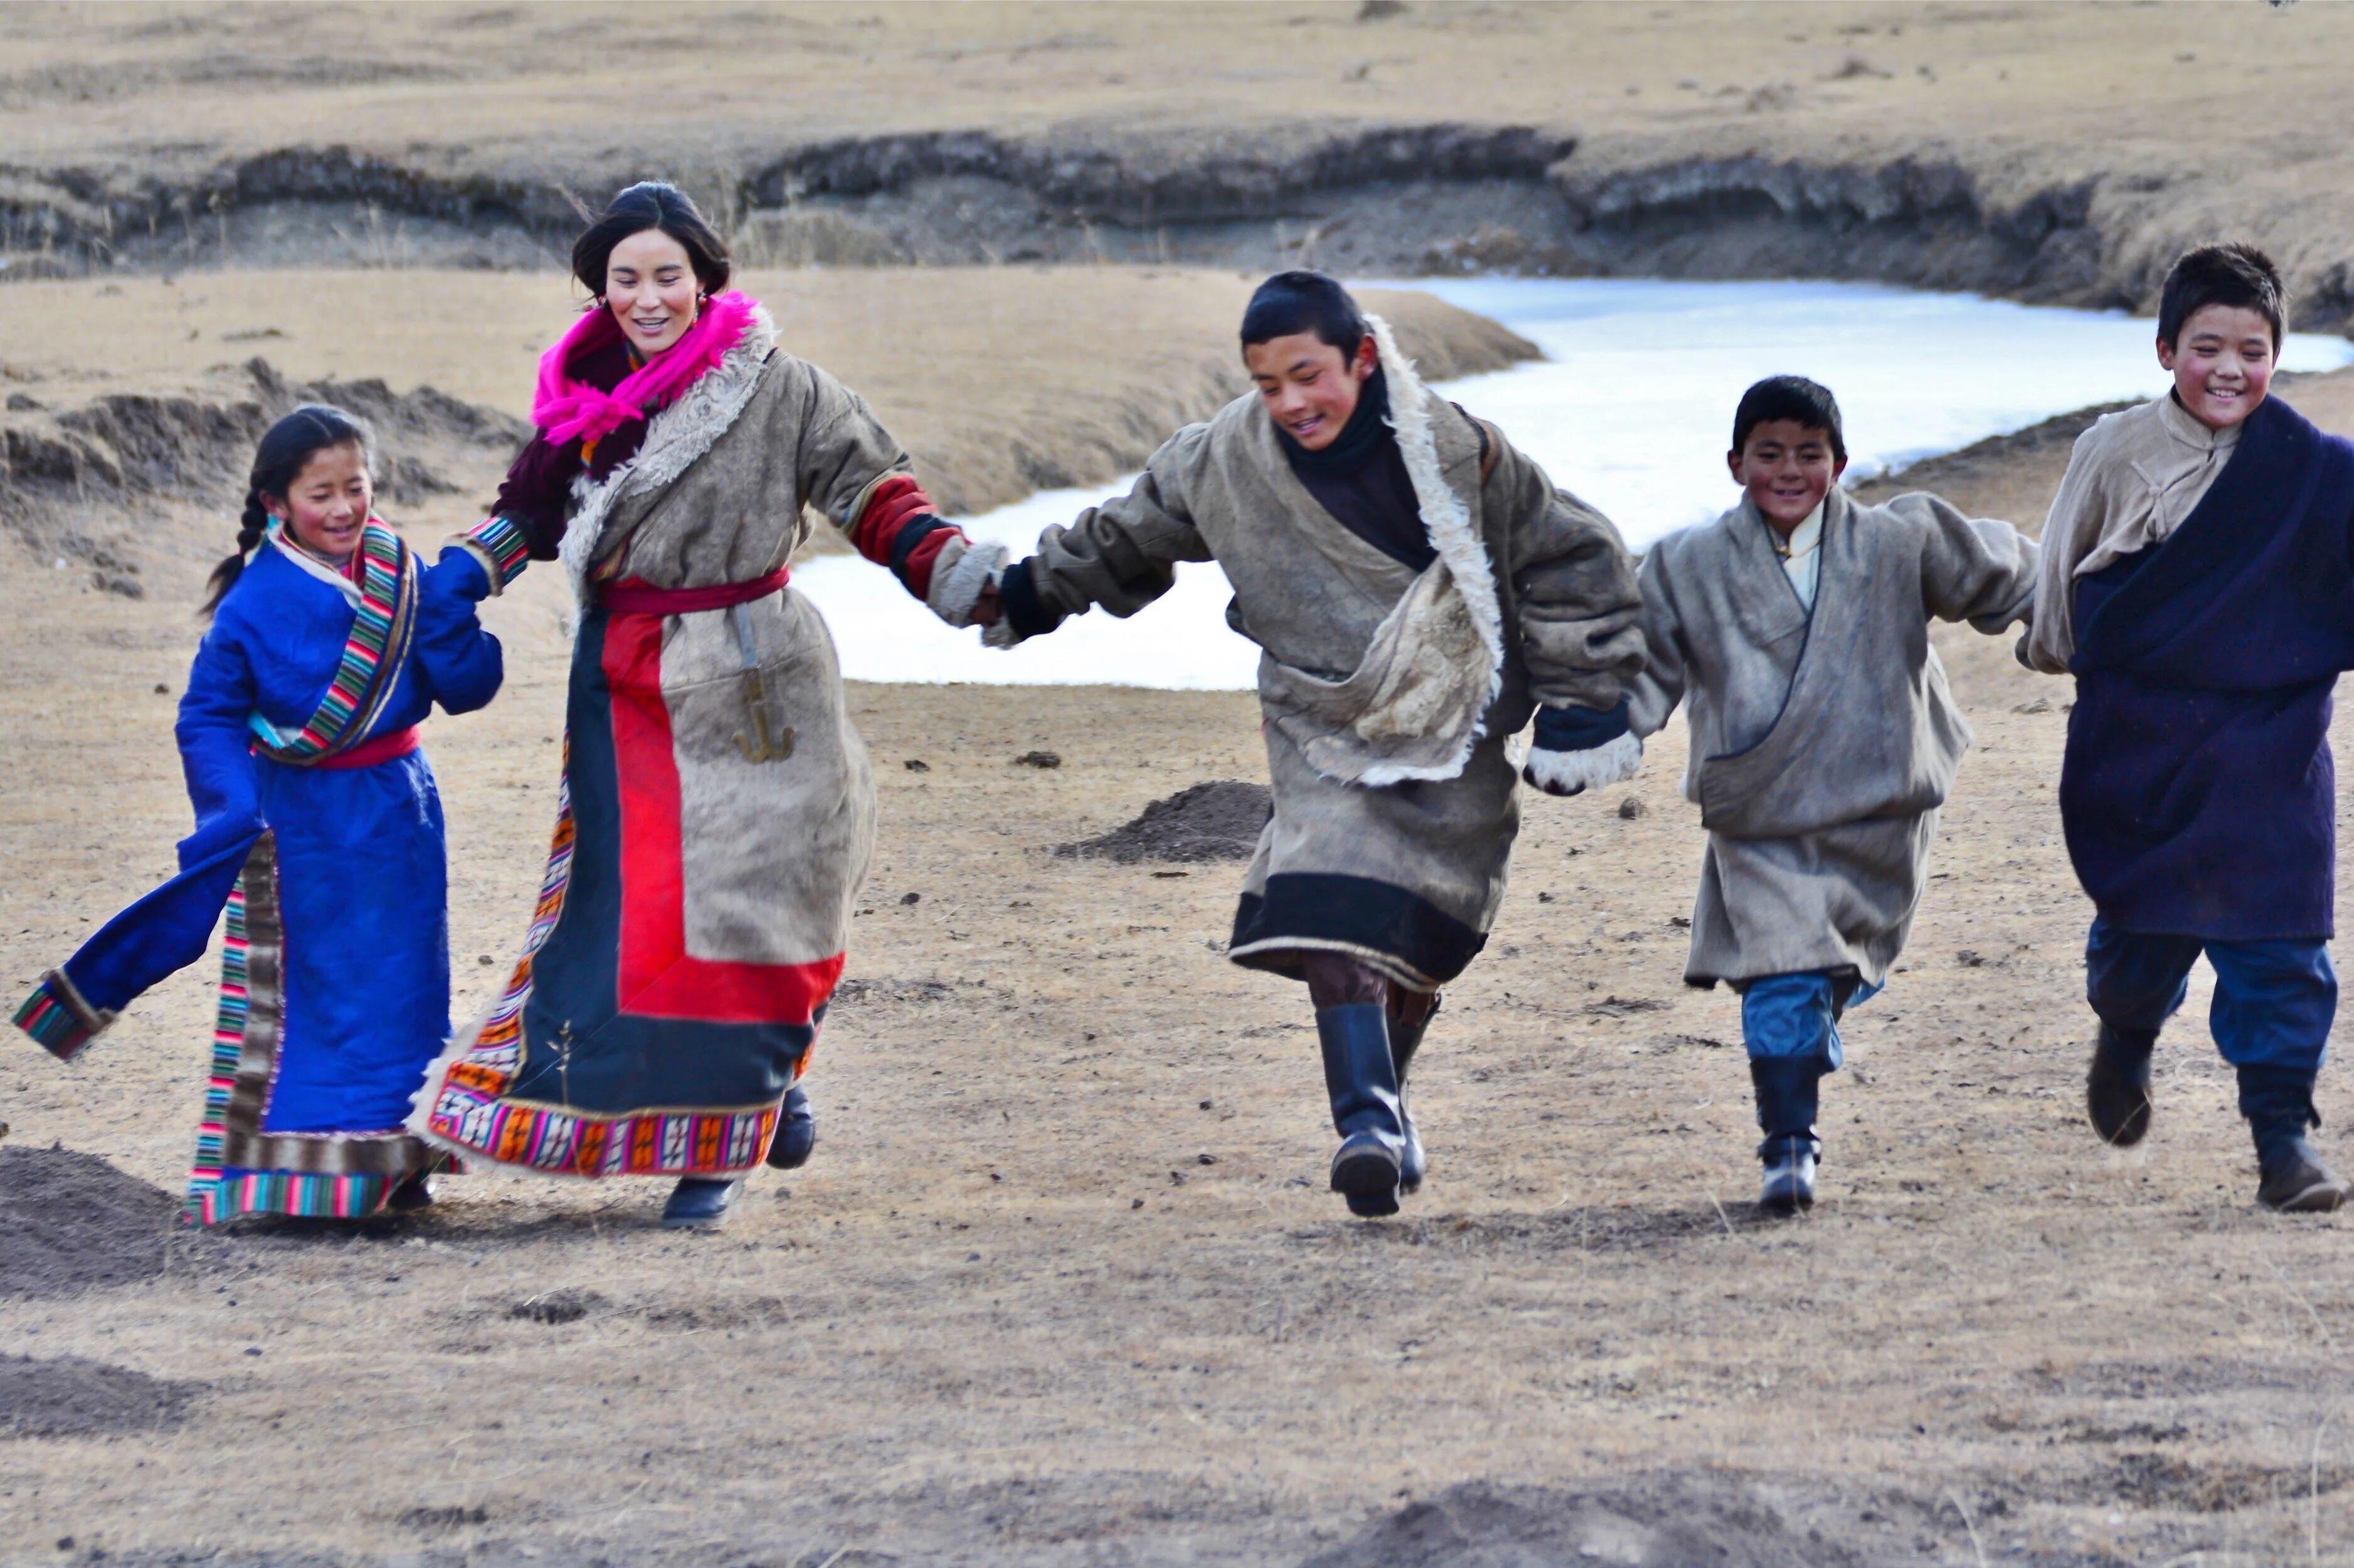 院线电影《生根》近期将在故土甘南上映